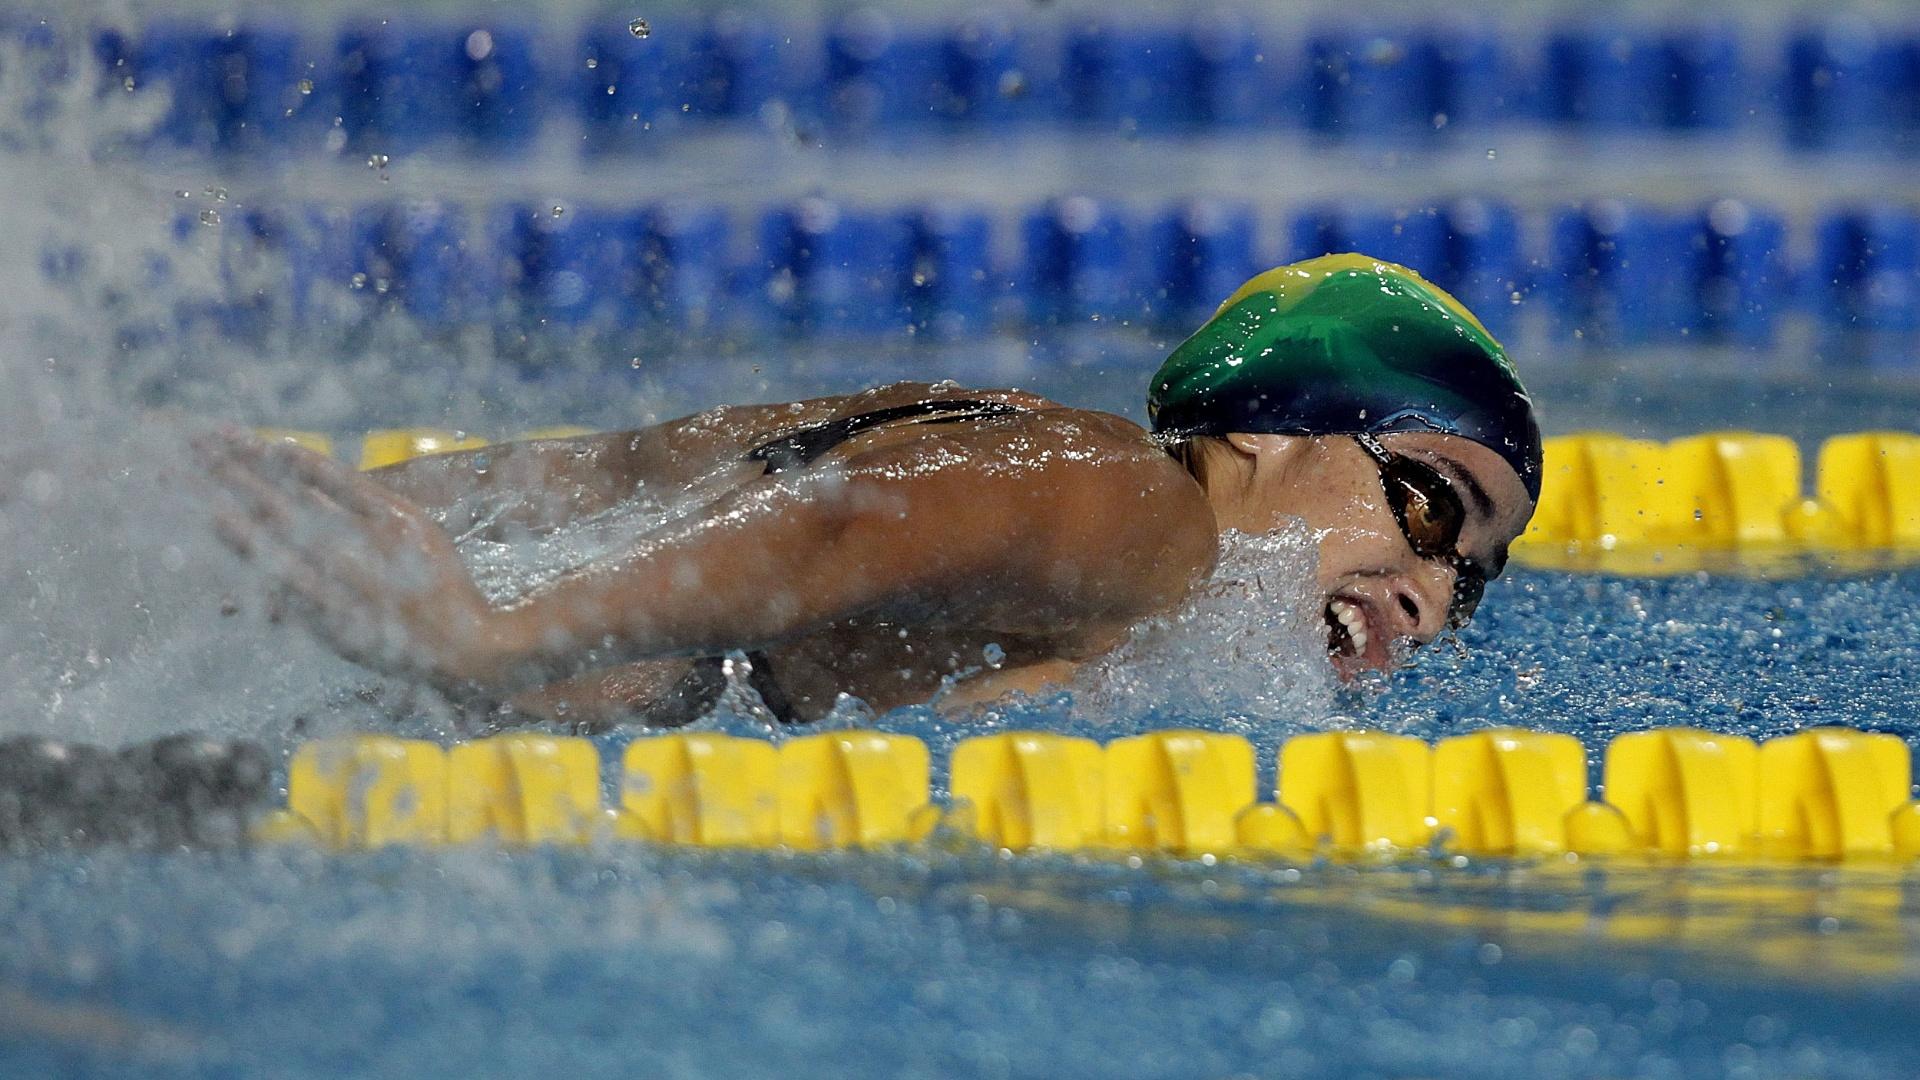 Daynara de Paula bateu na primeira colocação nas eliminatórias dos 100m borboleta, com 1min01s39, segundo o placar do ginásio no México (15/10/2011)